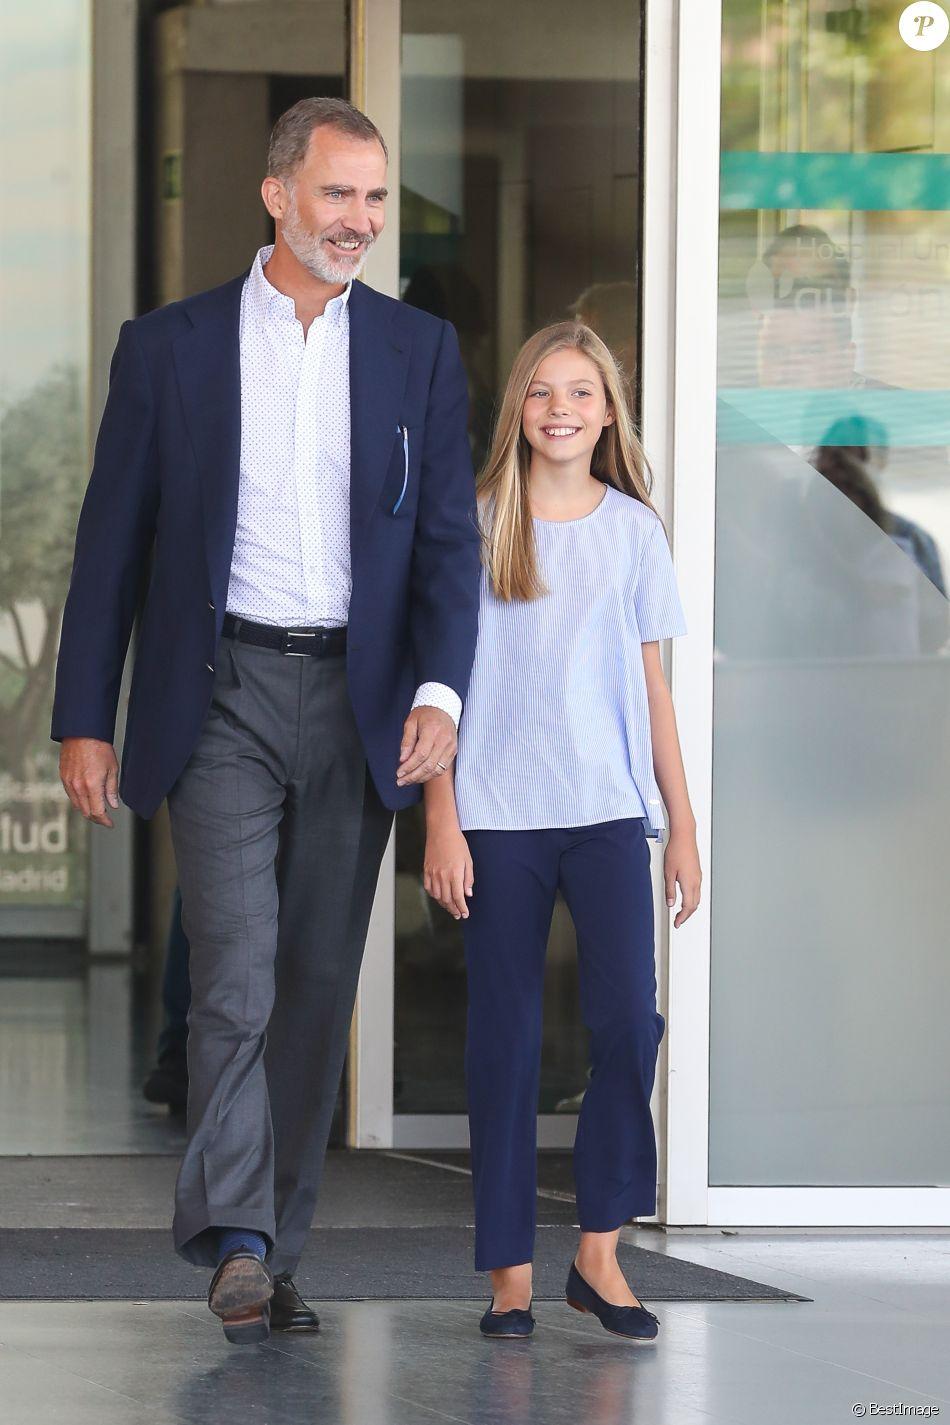 Le roi Felipe VI d'Espagne a rendu visite avec sa fille l'infante Sofia au roi Juan Carlos Ier d'Espagne, en convalescence à l'hôpital Quiron Salud de Madrid après un triple pontage coronarien, le 29 août 2019.